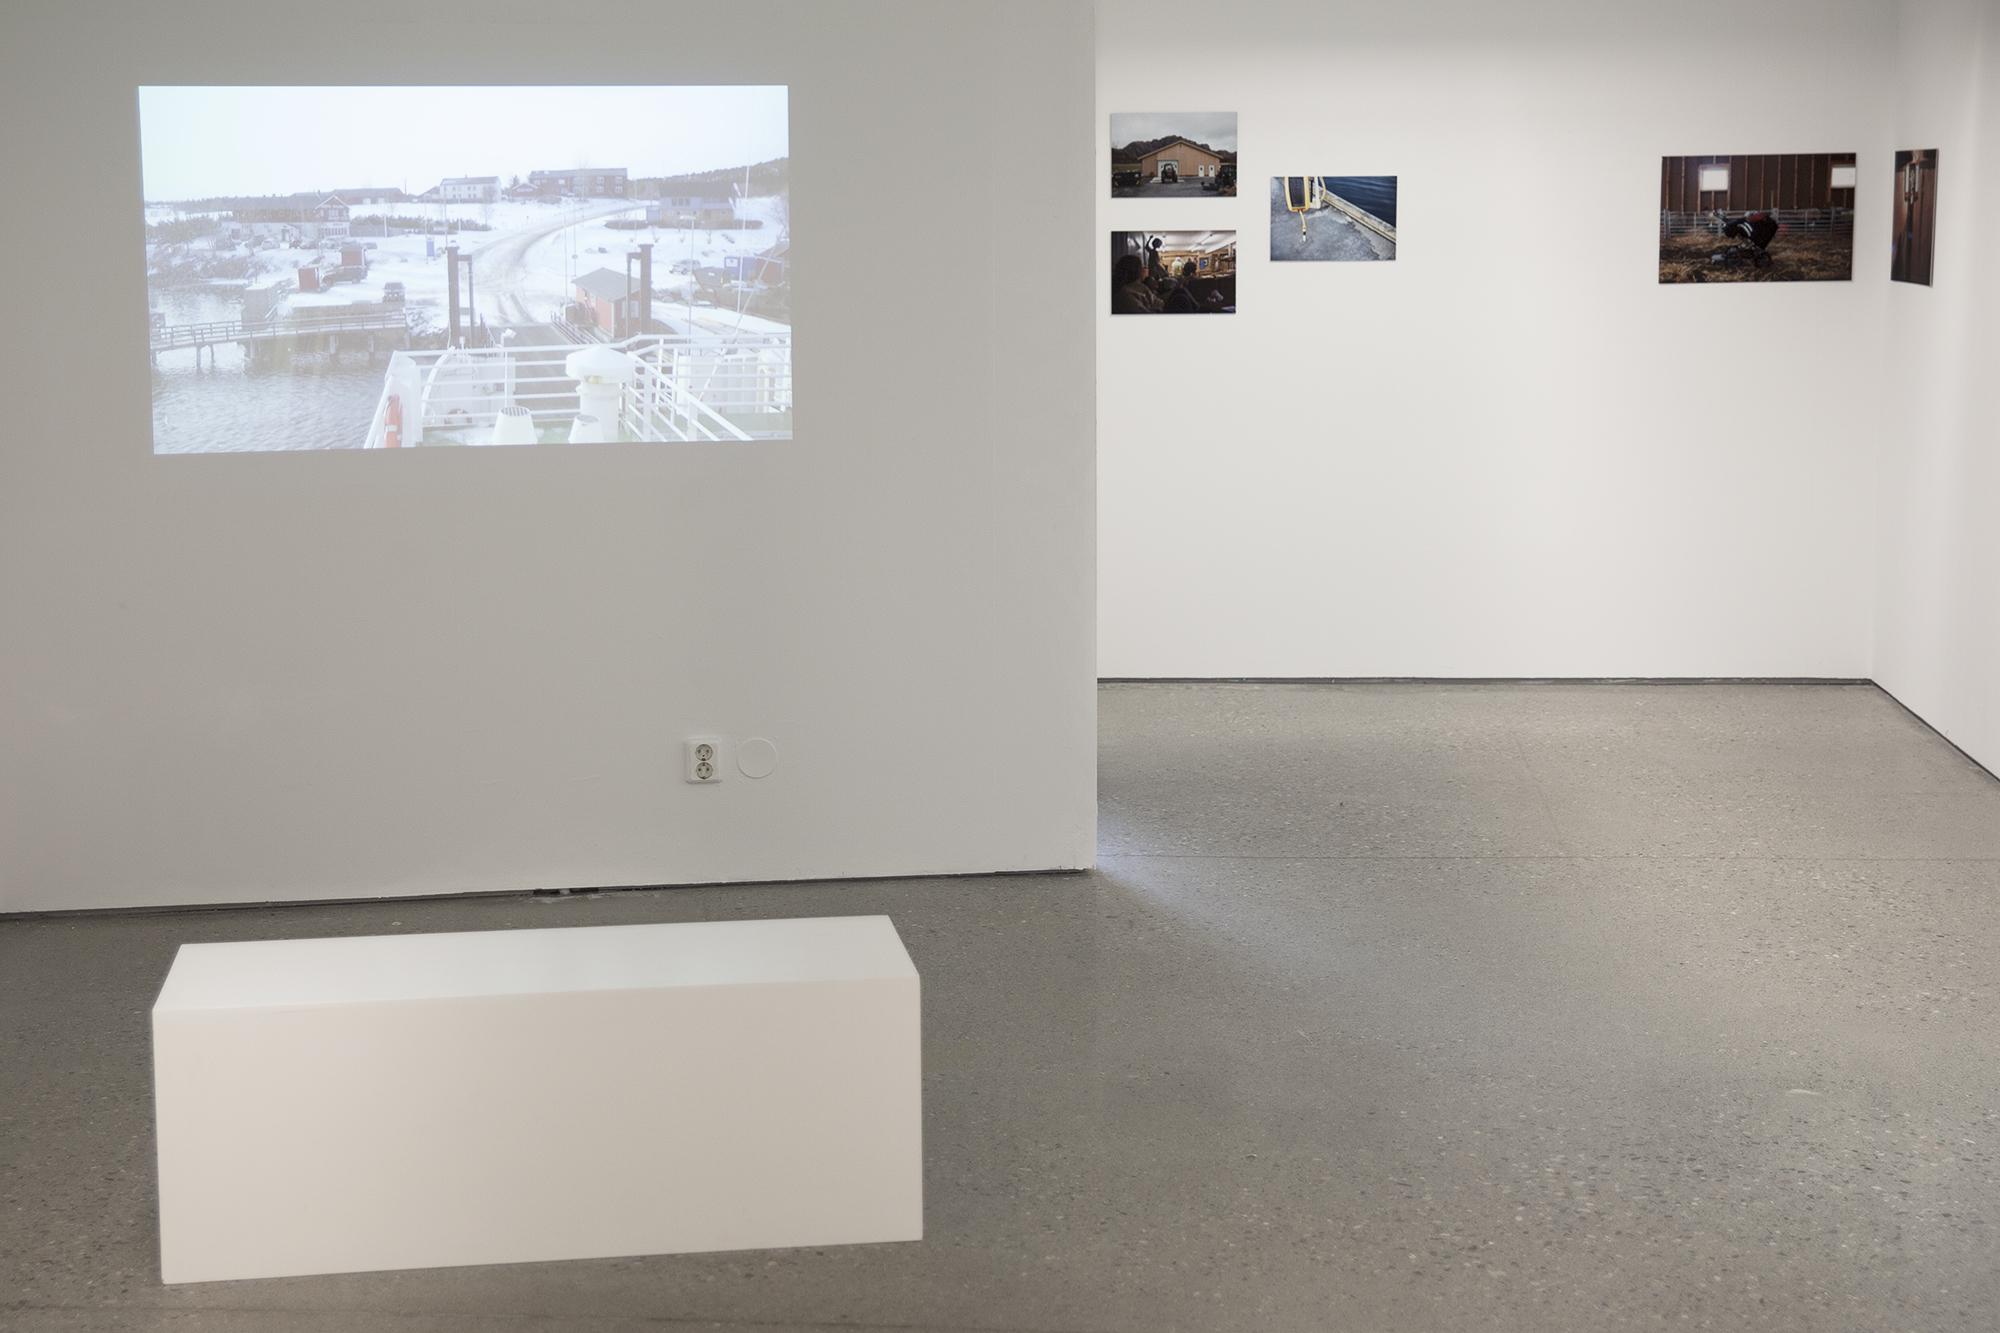 Utstilling, Gråmølna, 2016